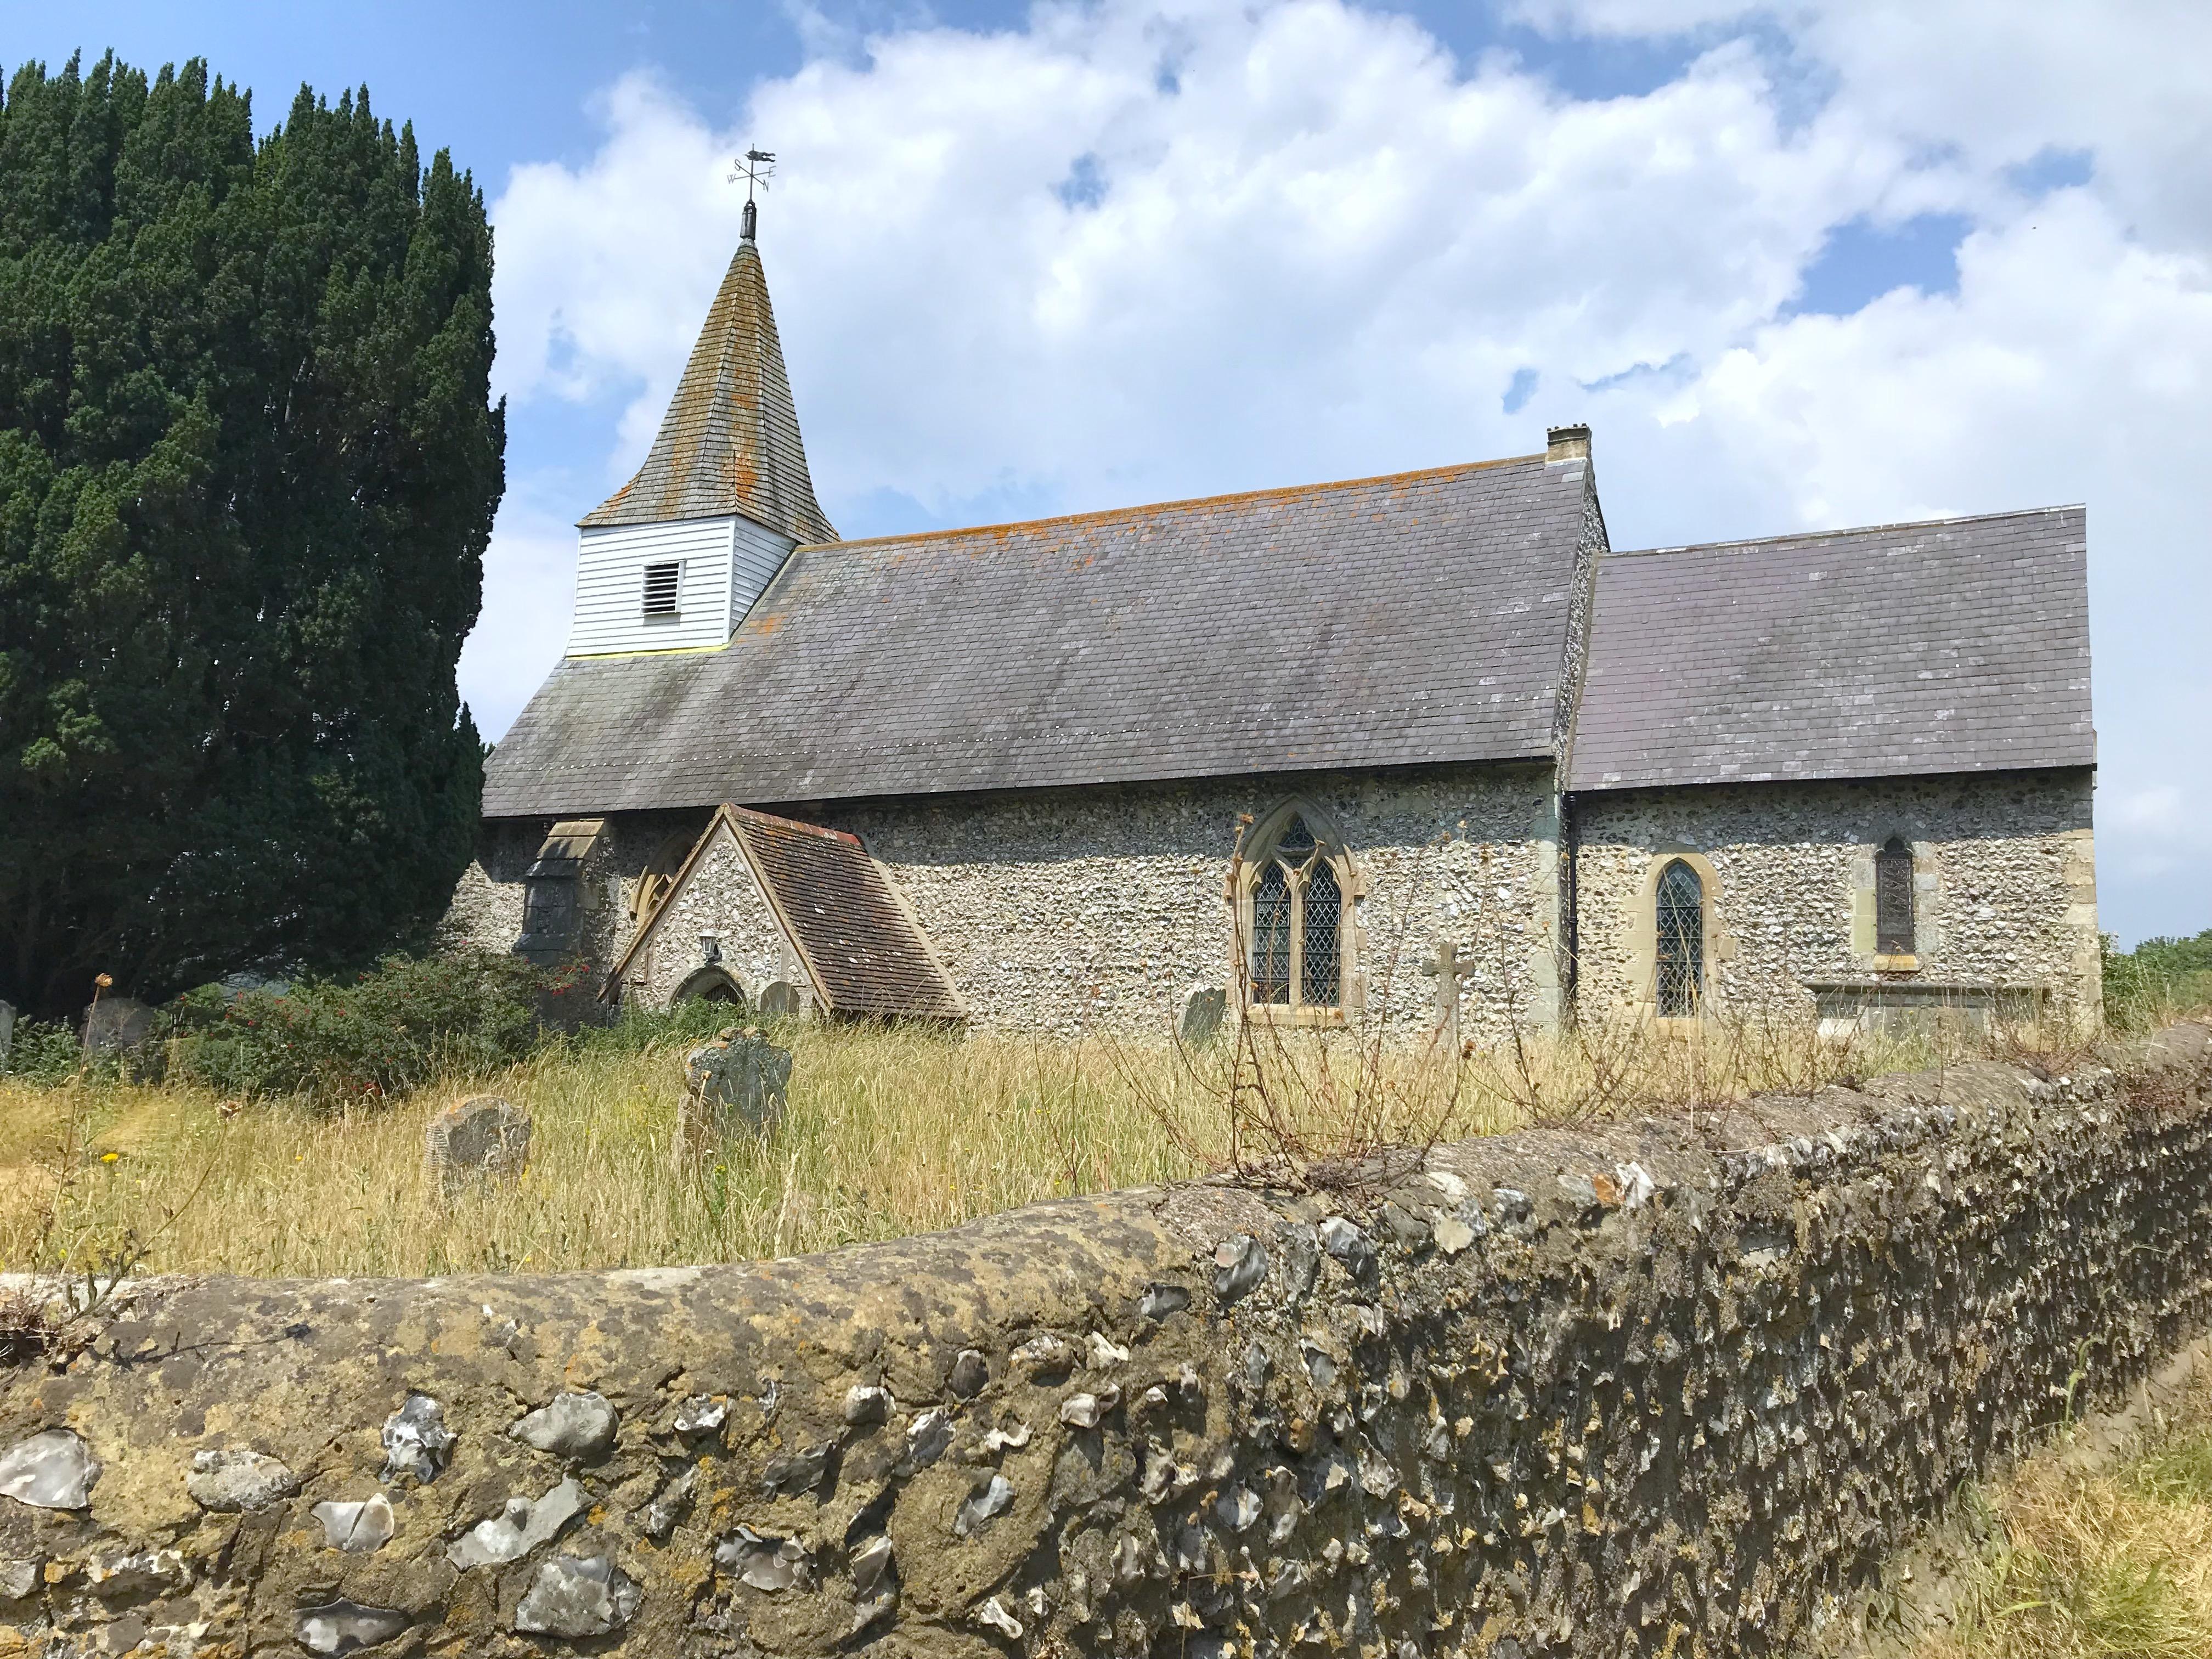 St Michael's Church, Litlington East Sussex (Keith Salvesen)